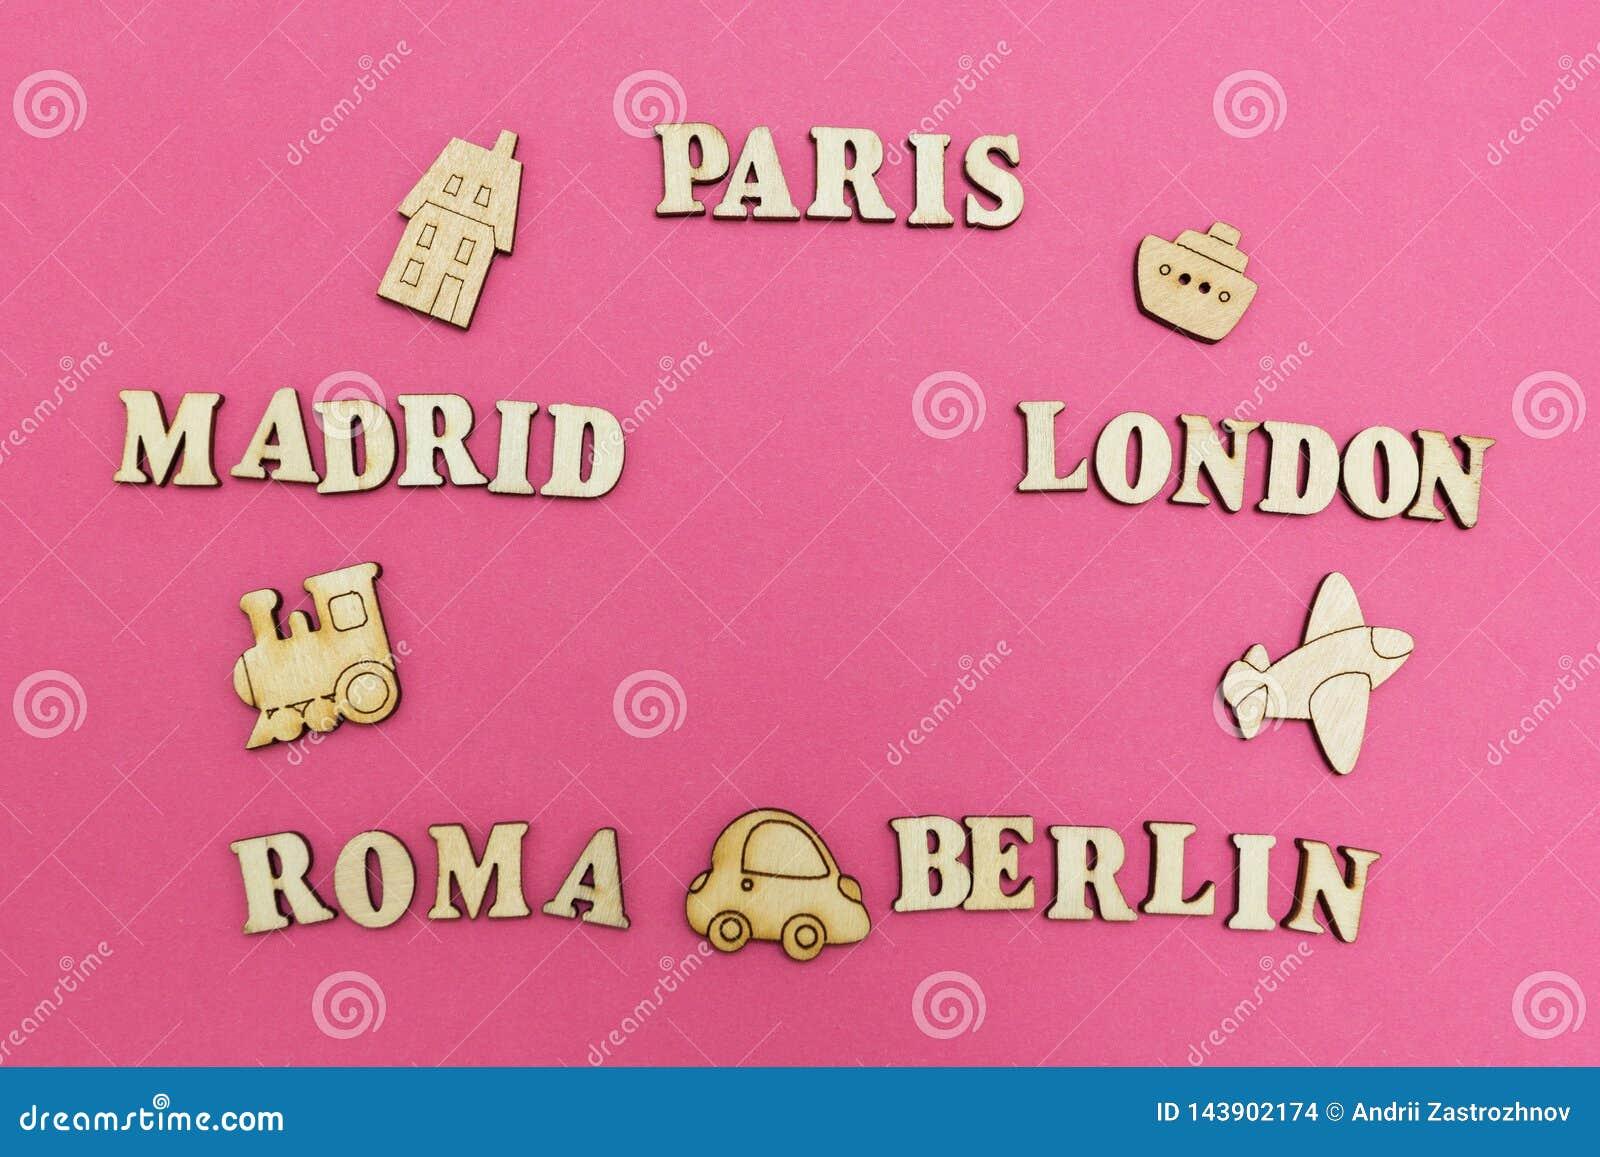 Reise auf der ganzen Welt, die Namen von Städten: 'Paris, London, Madrid, Berlin, Rom 'auf einem rosa Hintergrund Hölzerne Zahlen